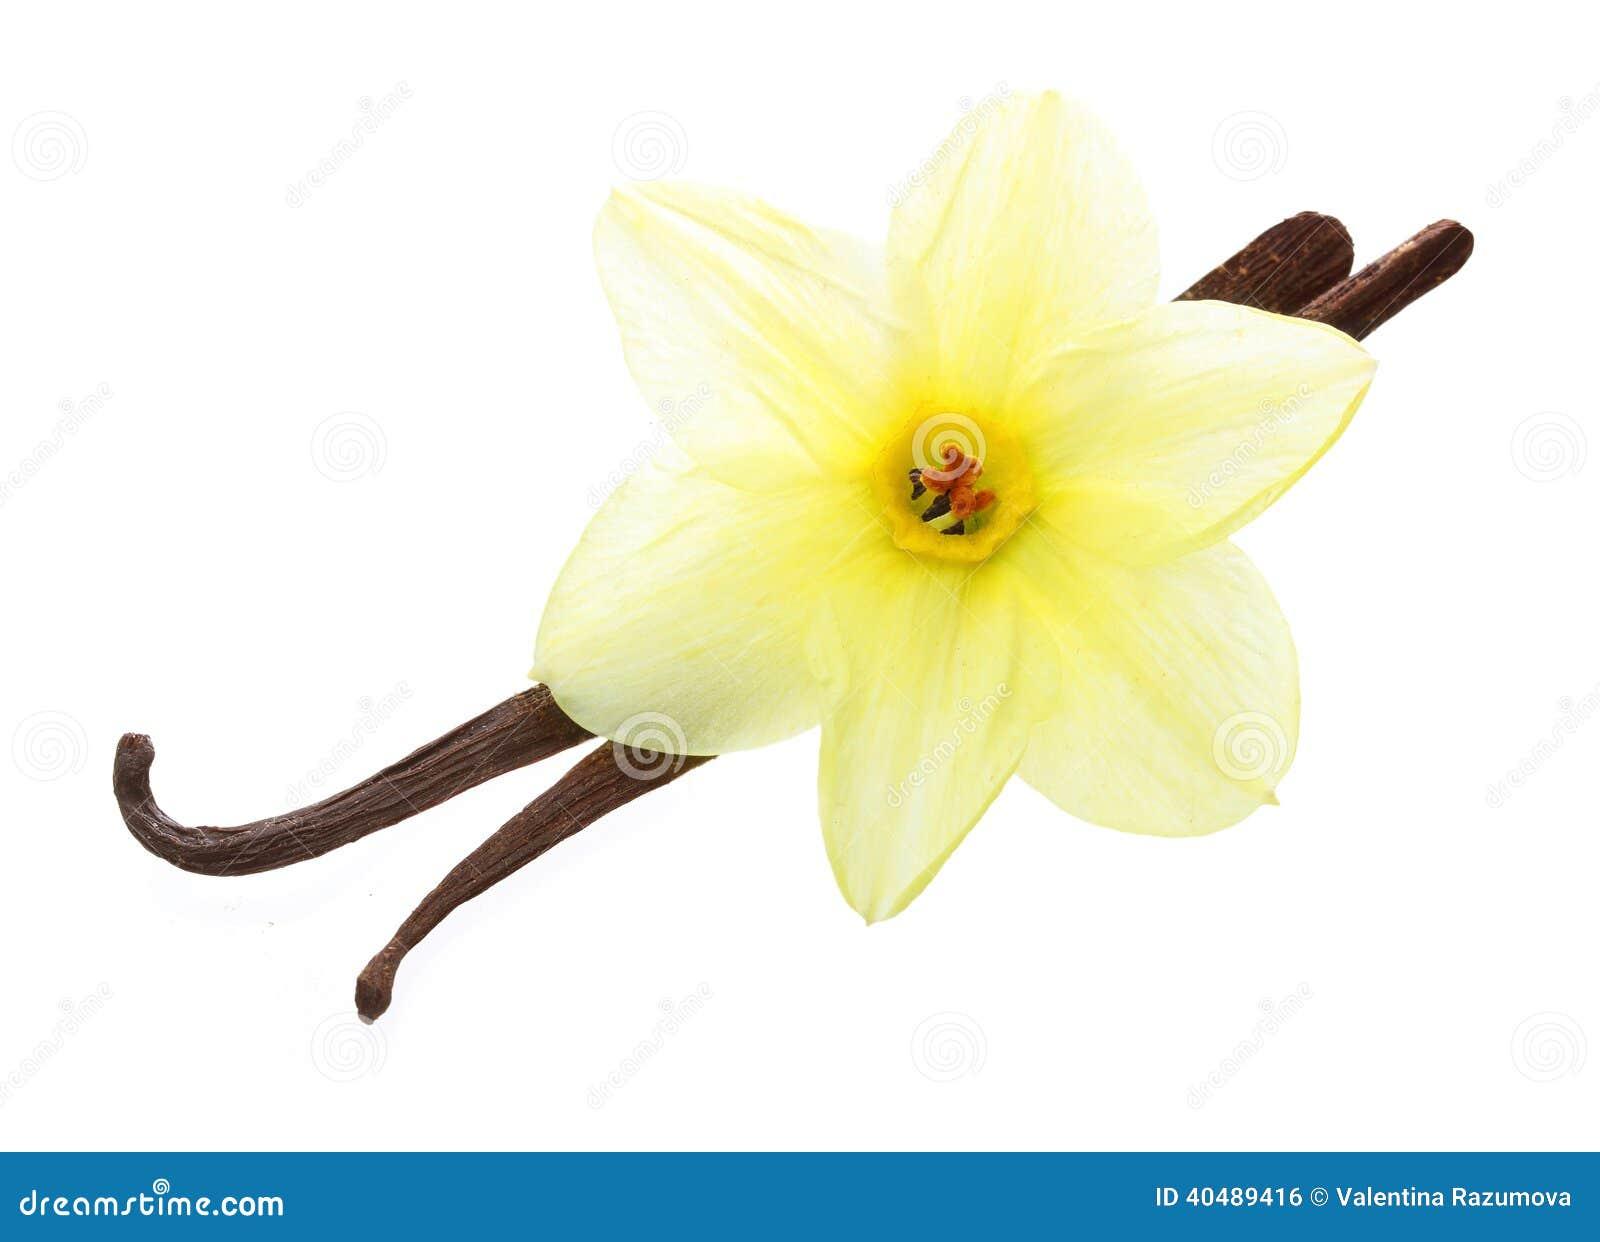 cosses et fleur de vanille photo stock - image: 40489416